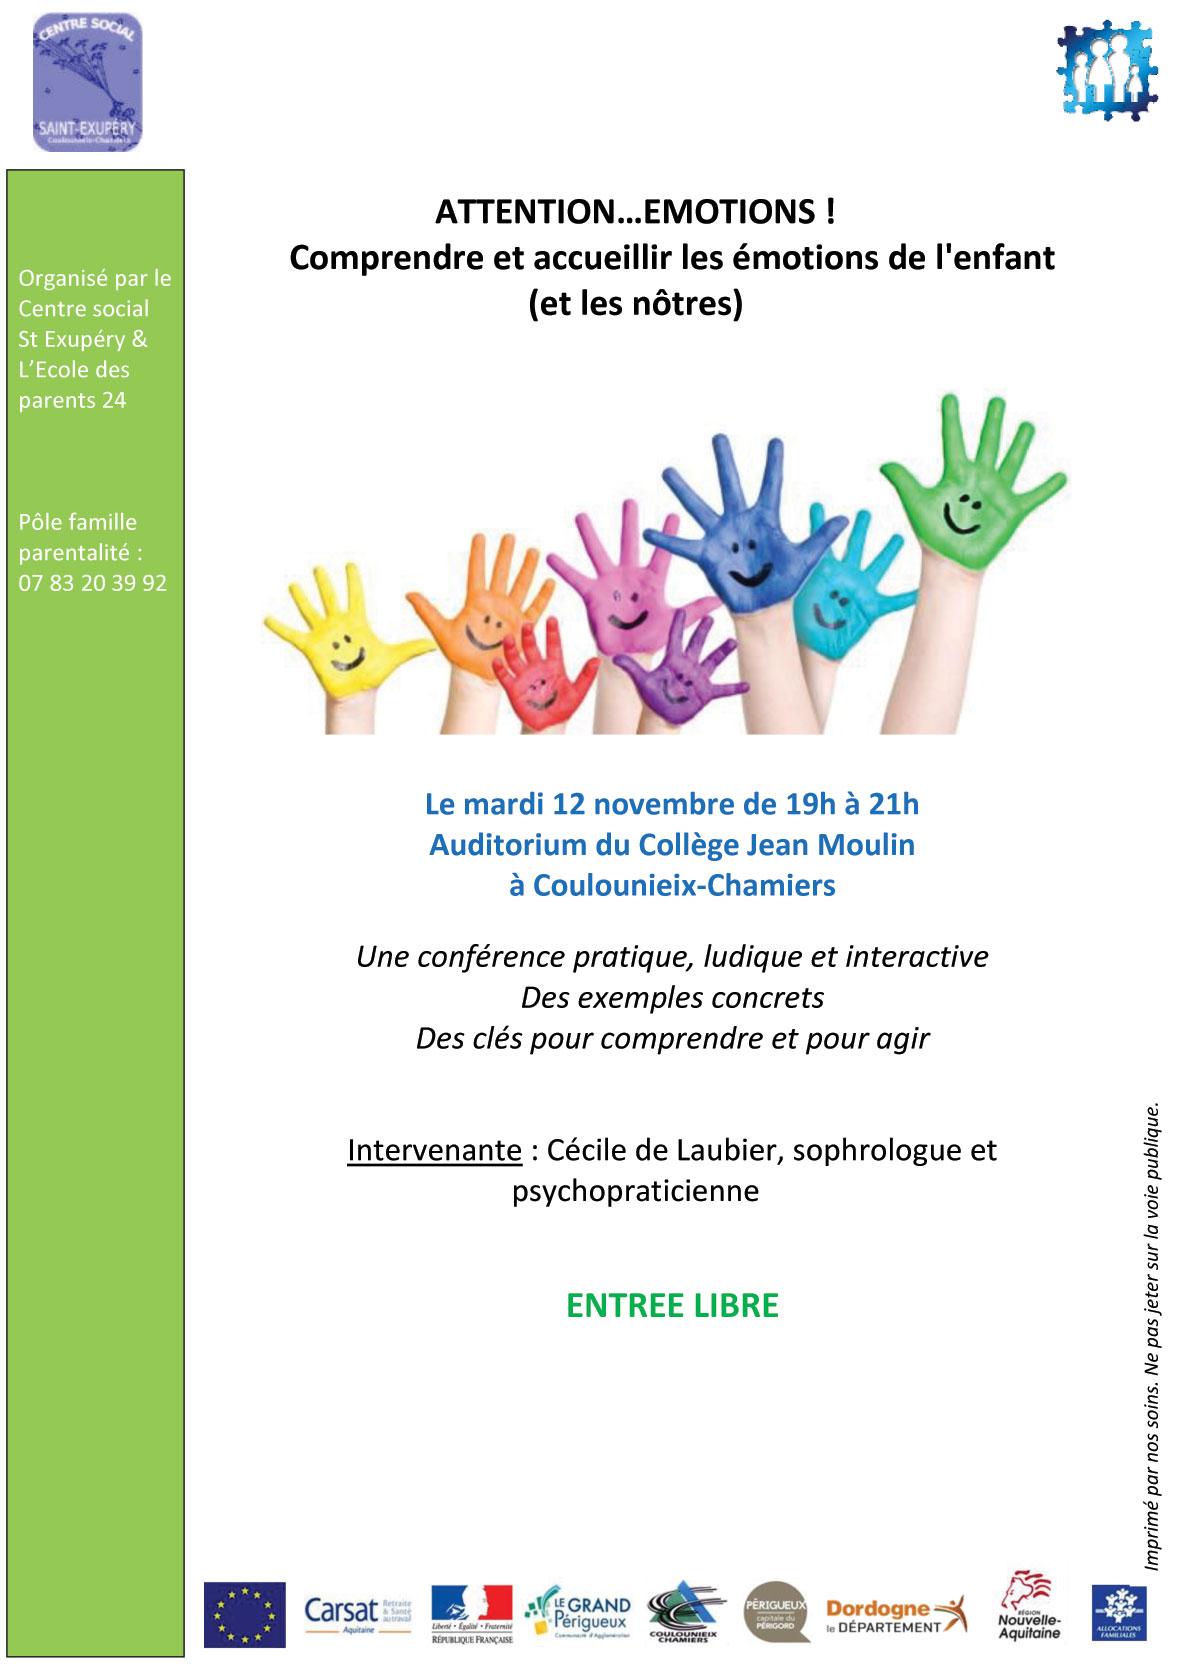 Conférence sur les émotions de l'enfant -Cécile de Laubier